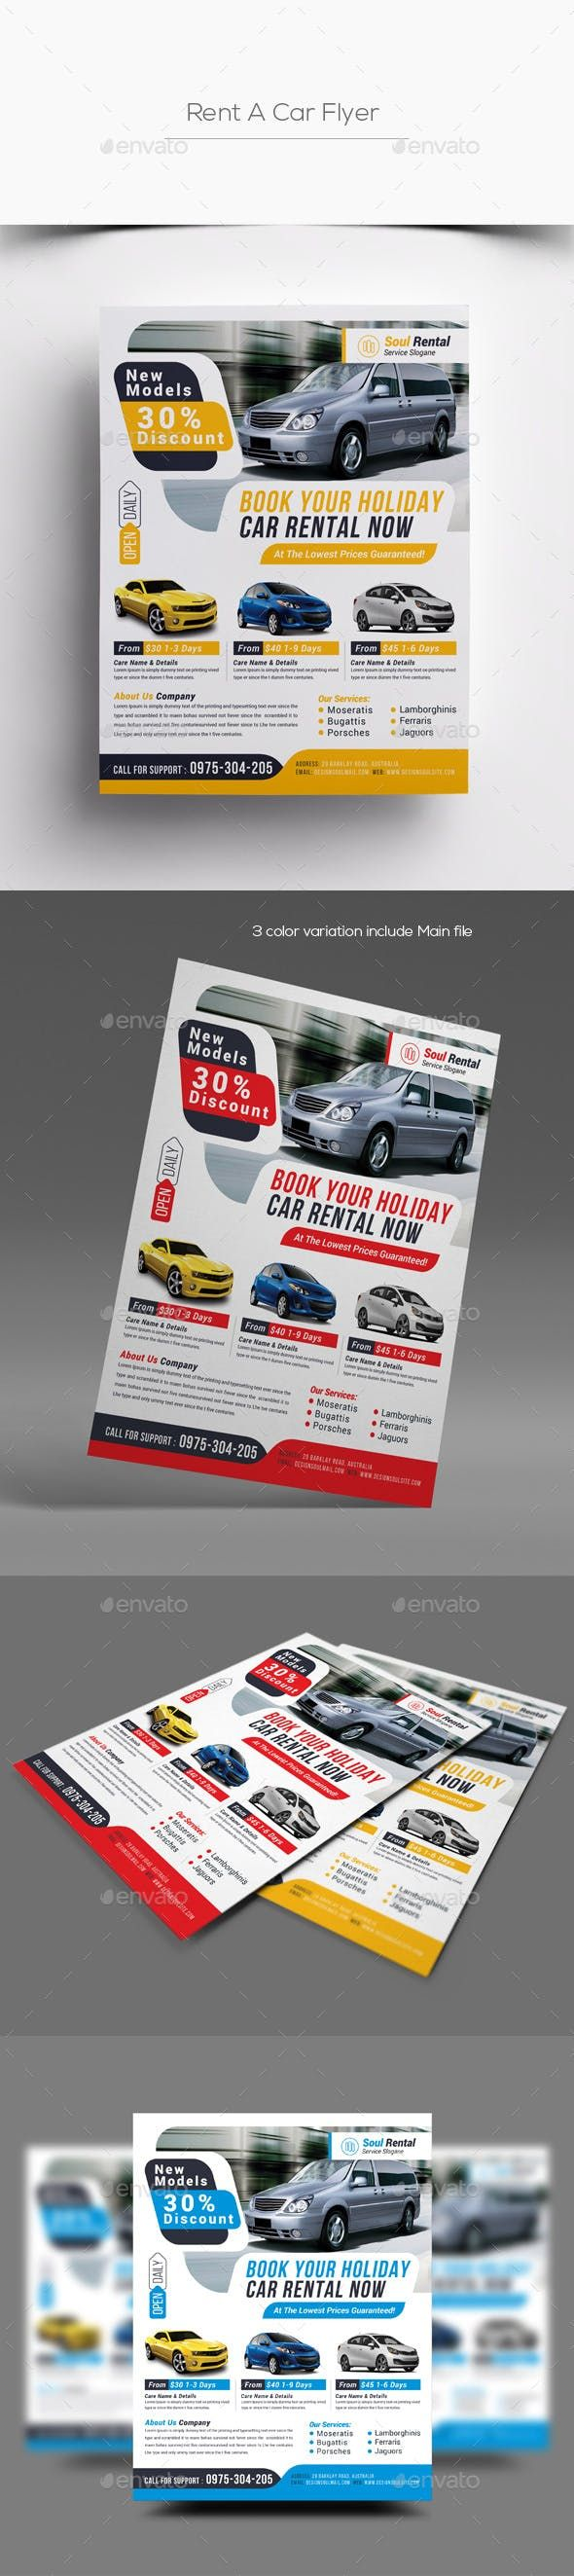 Rent A Car Flyer  U2014 Photoshop Psd  Business  Automobile